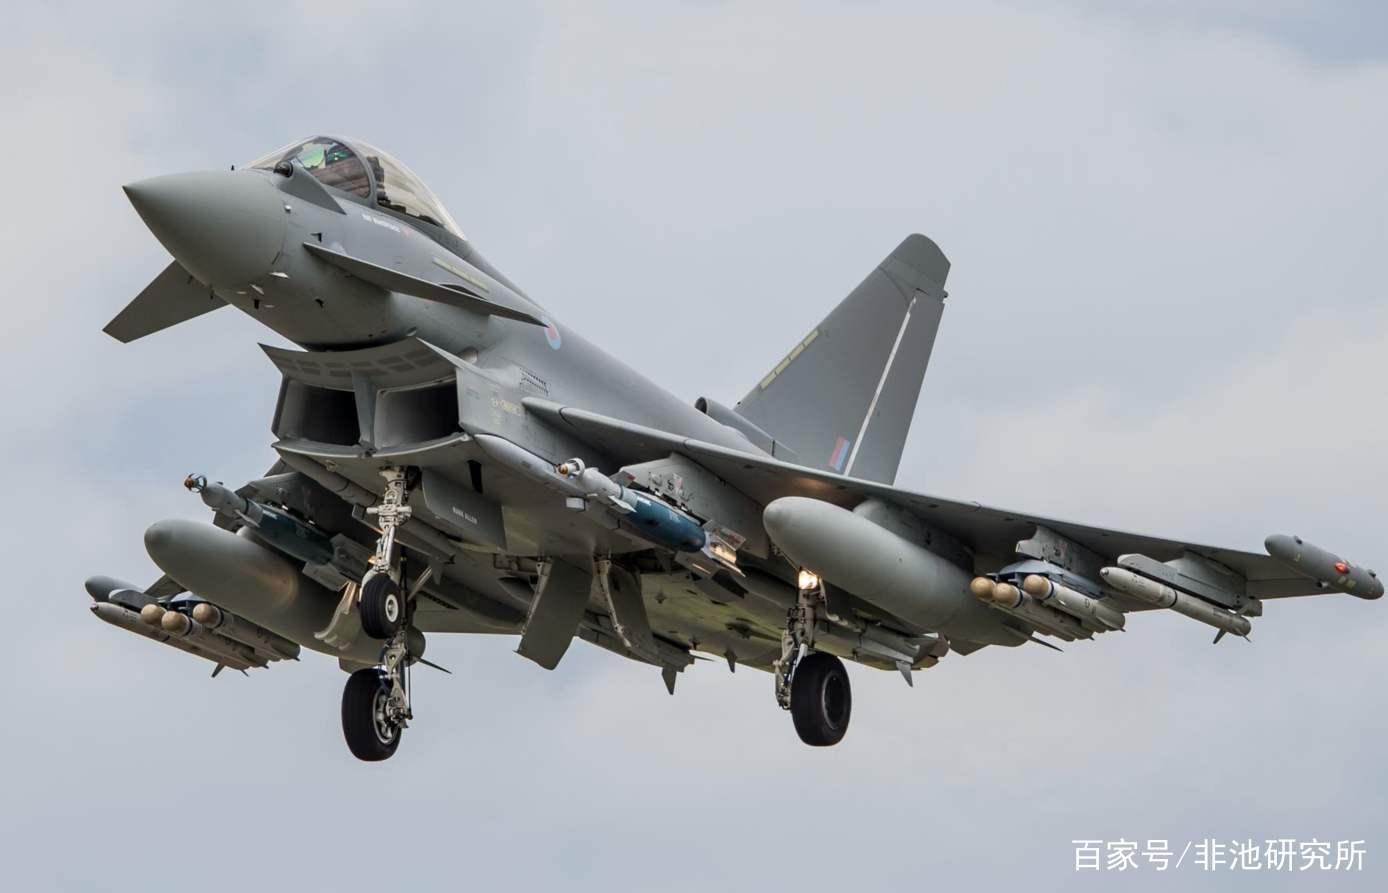 歼-10终极版升级方向的几点设想